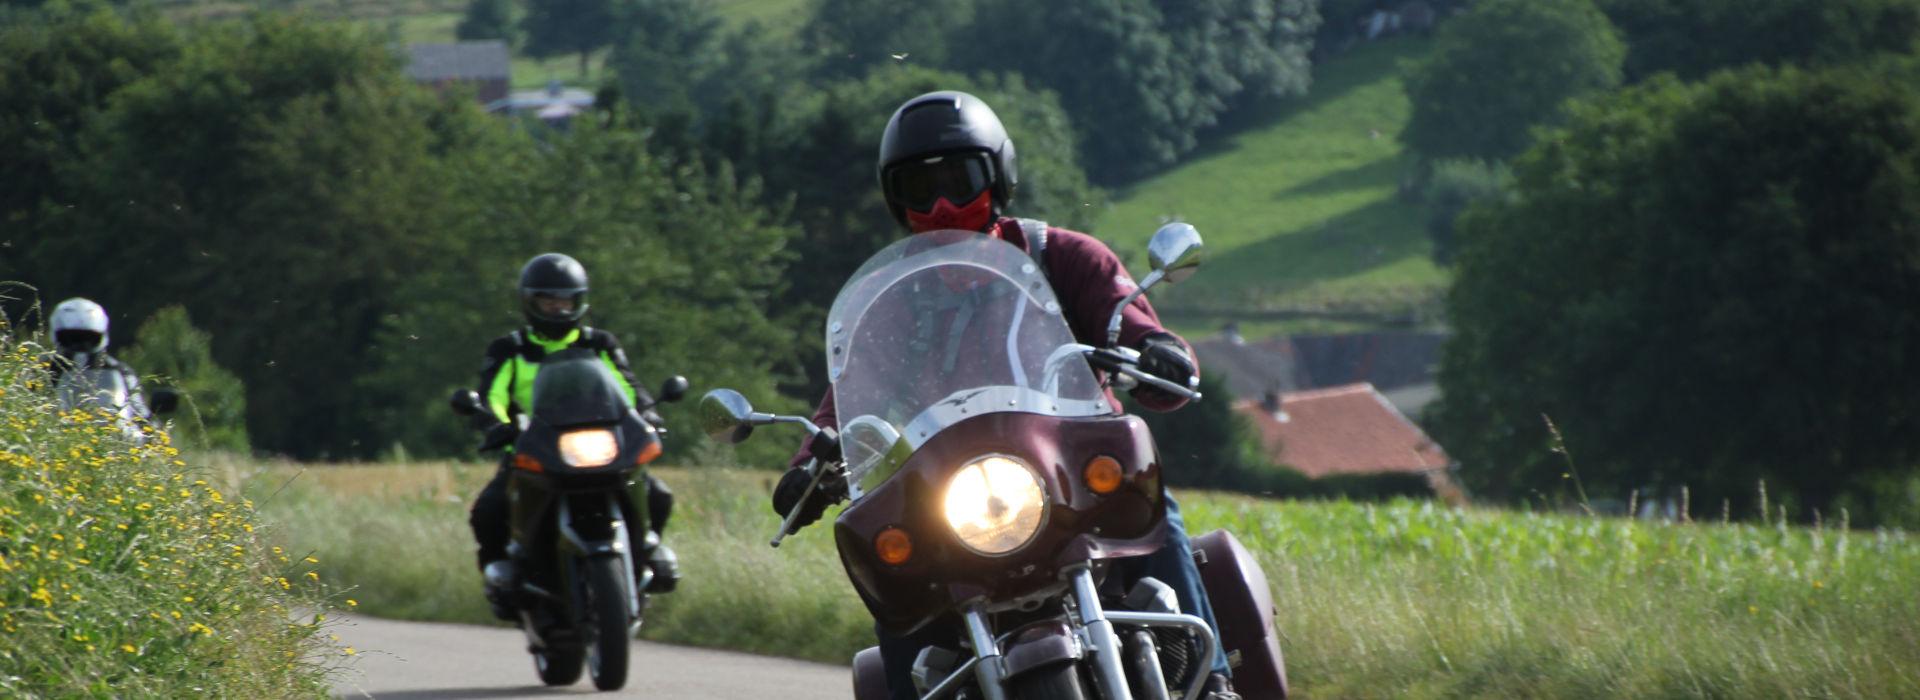 Motorrijschool Motorrijbewijspoint Mechelen motorrijlessen